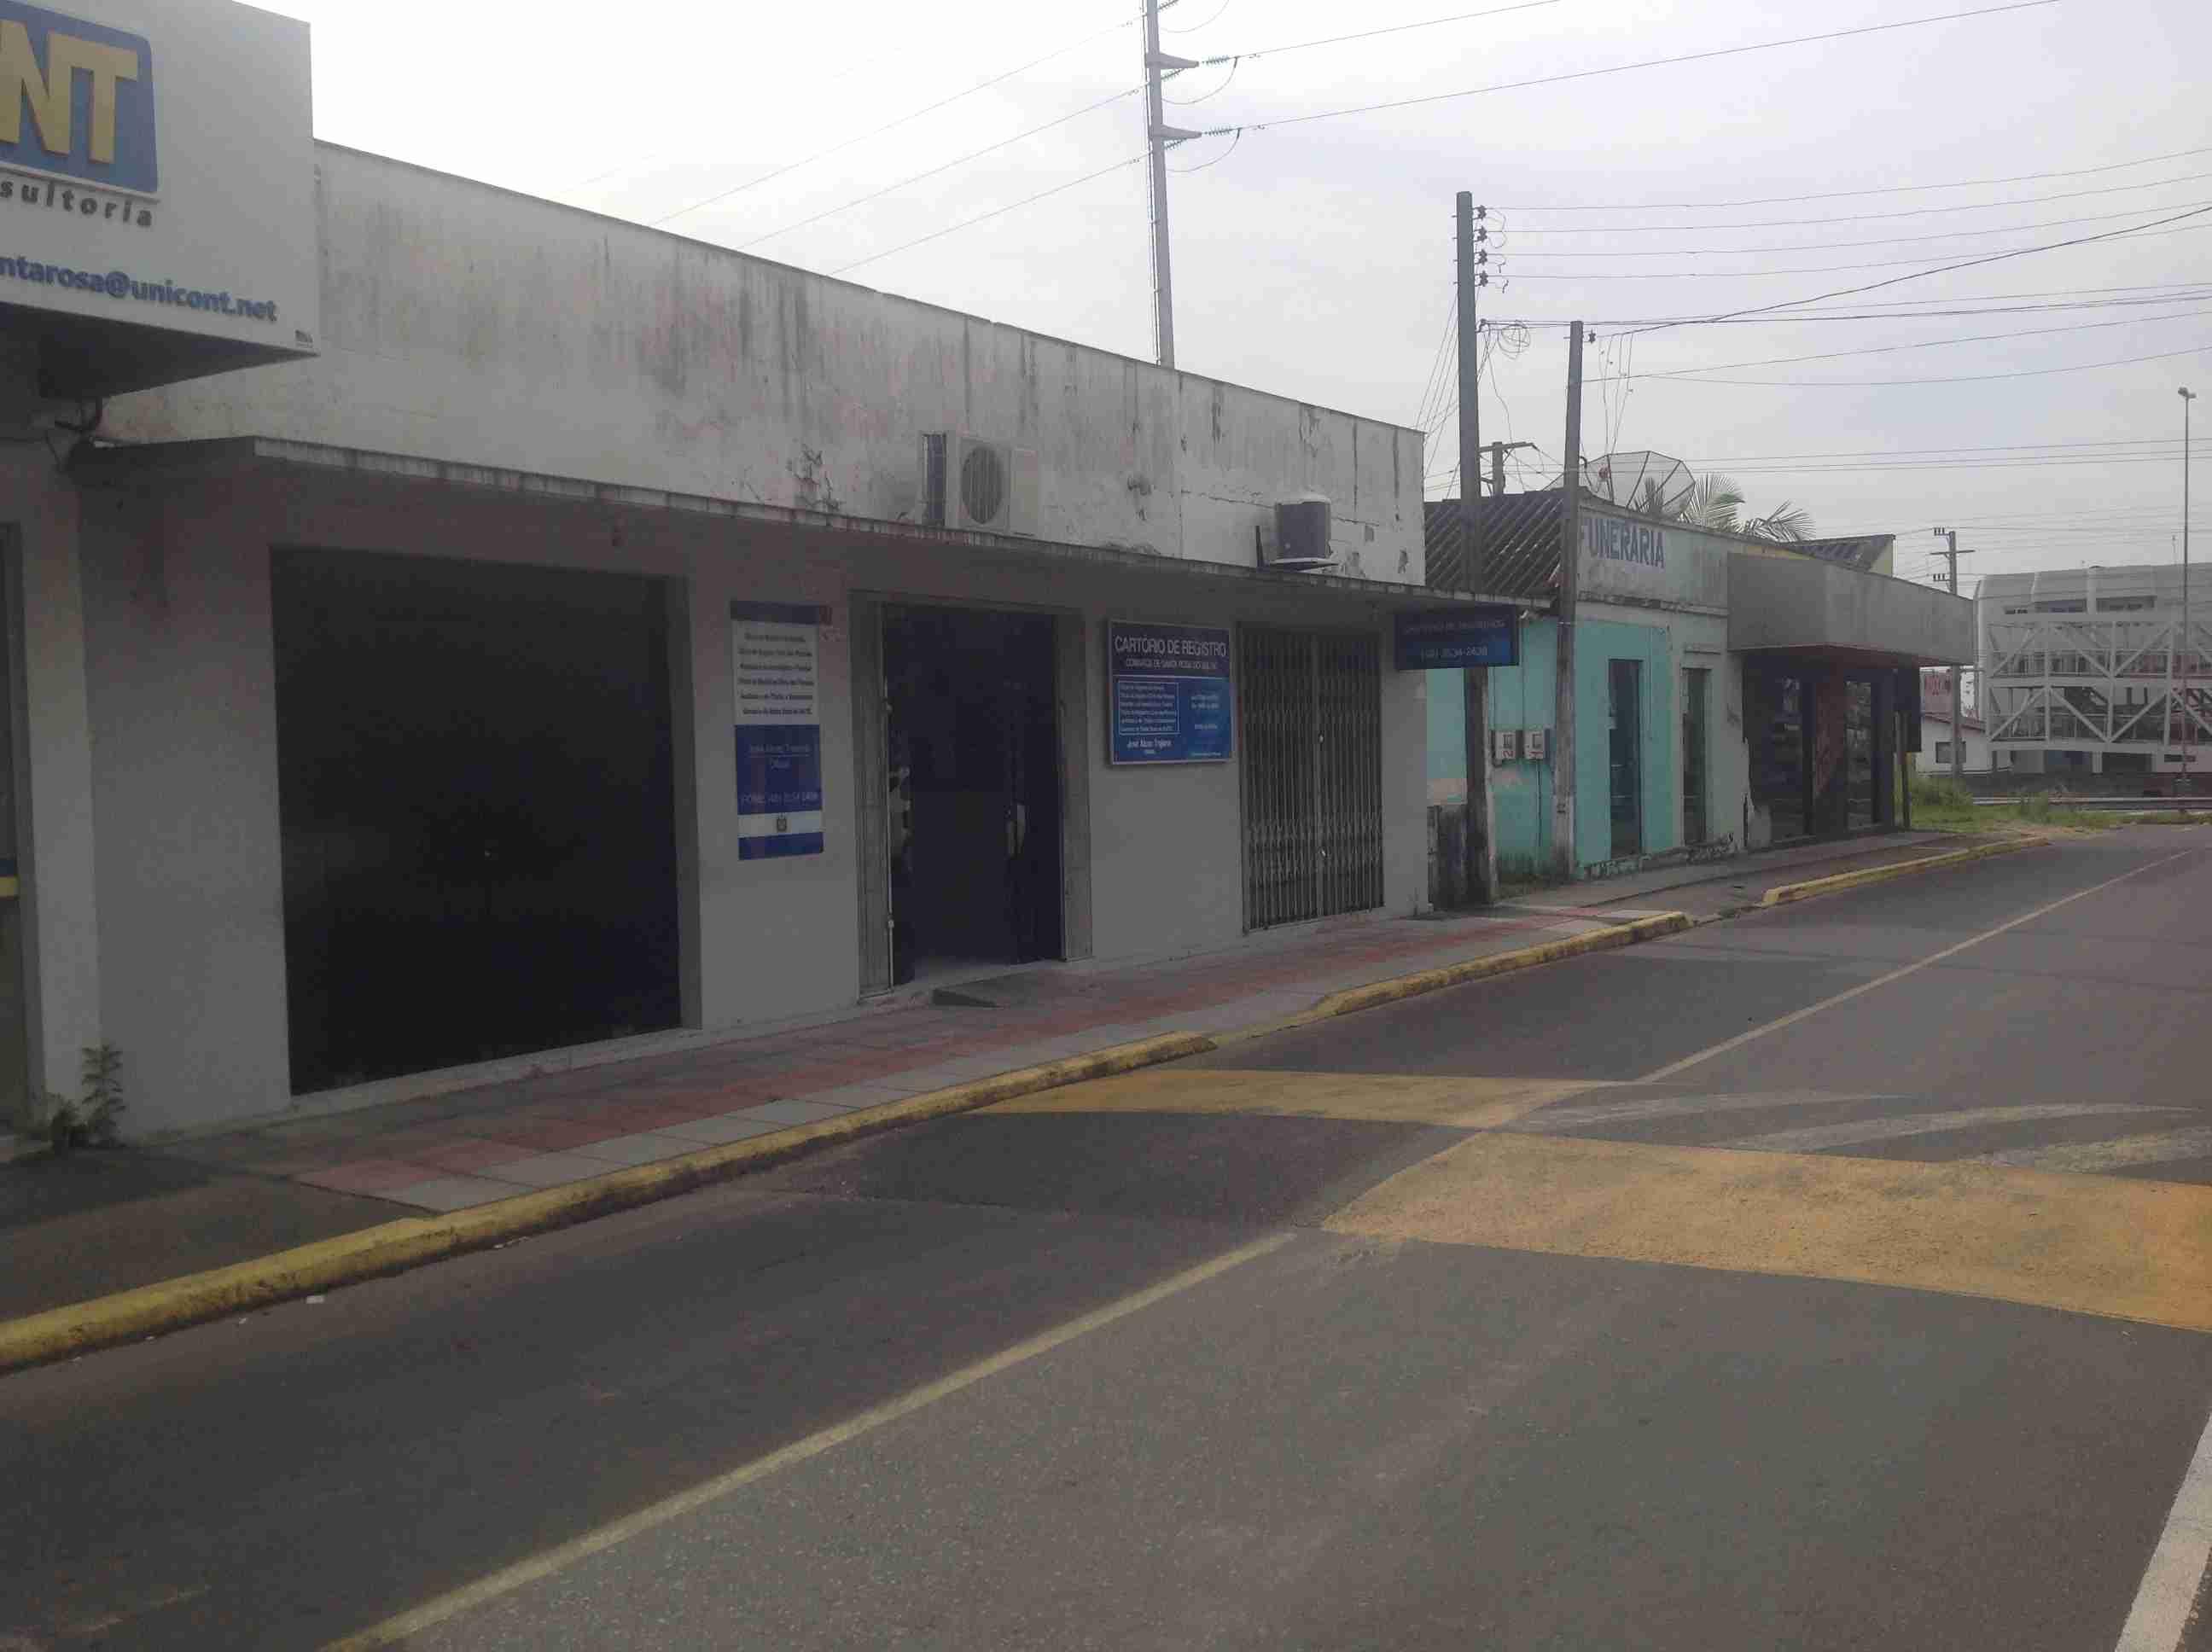 Barracão (Área Comercial)006